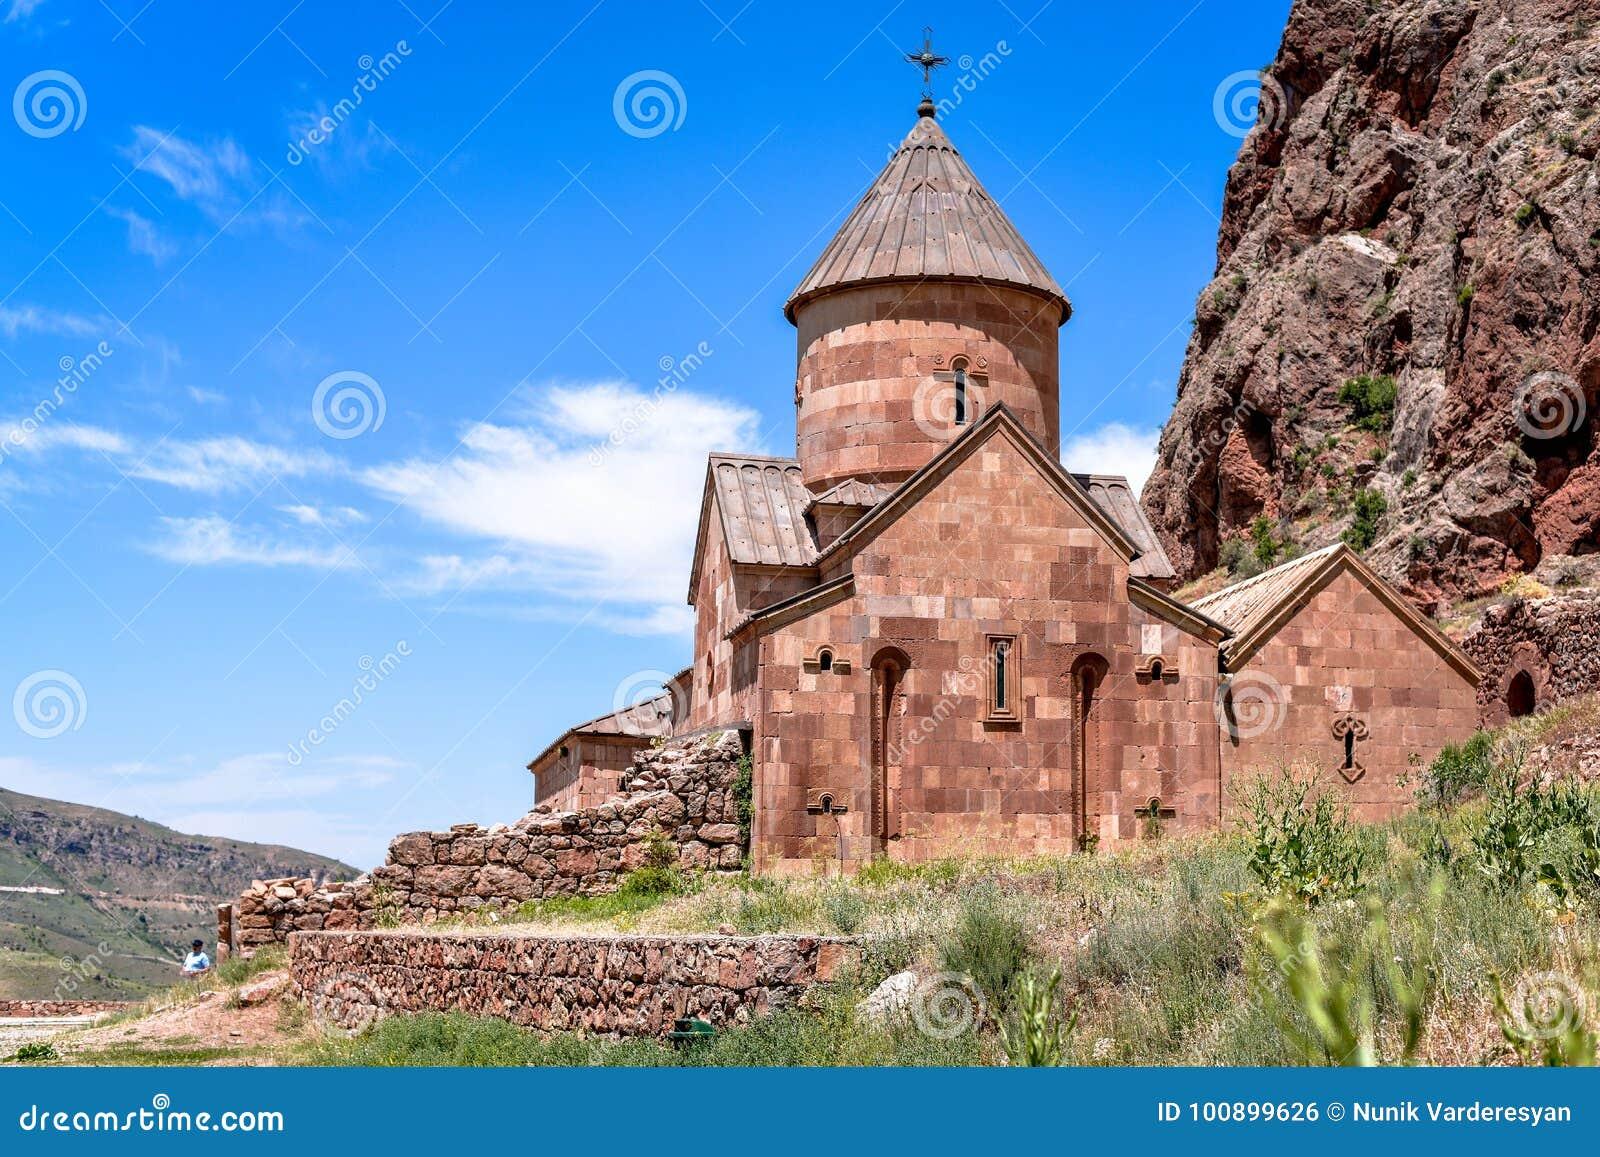 Noravank Armenien: